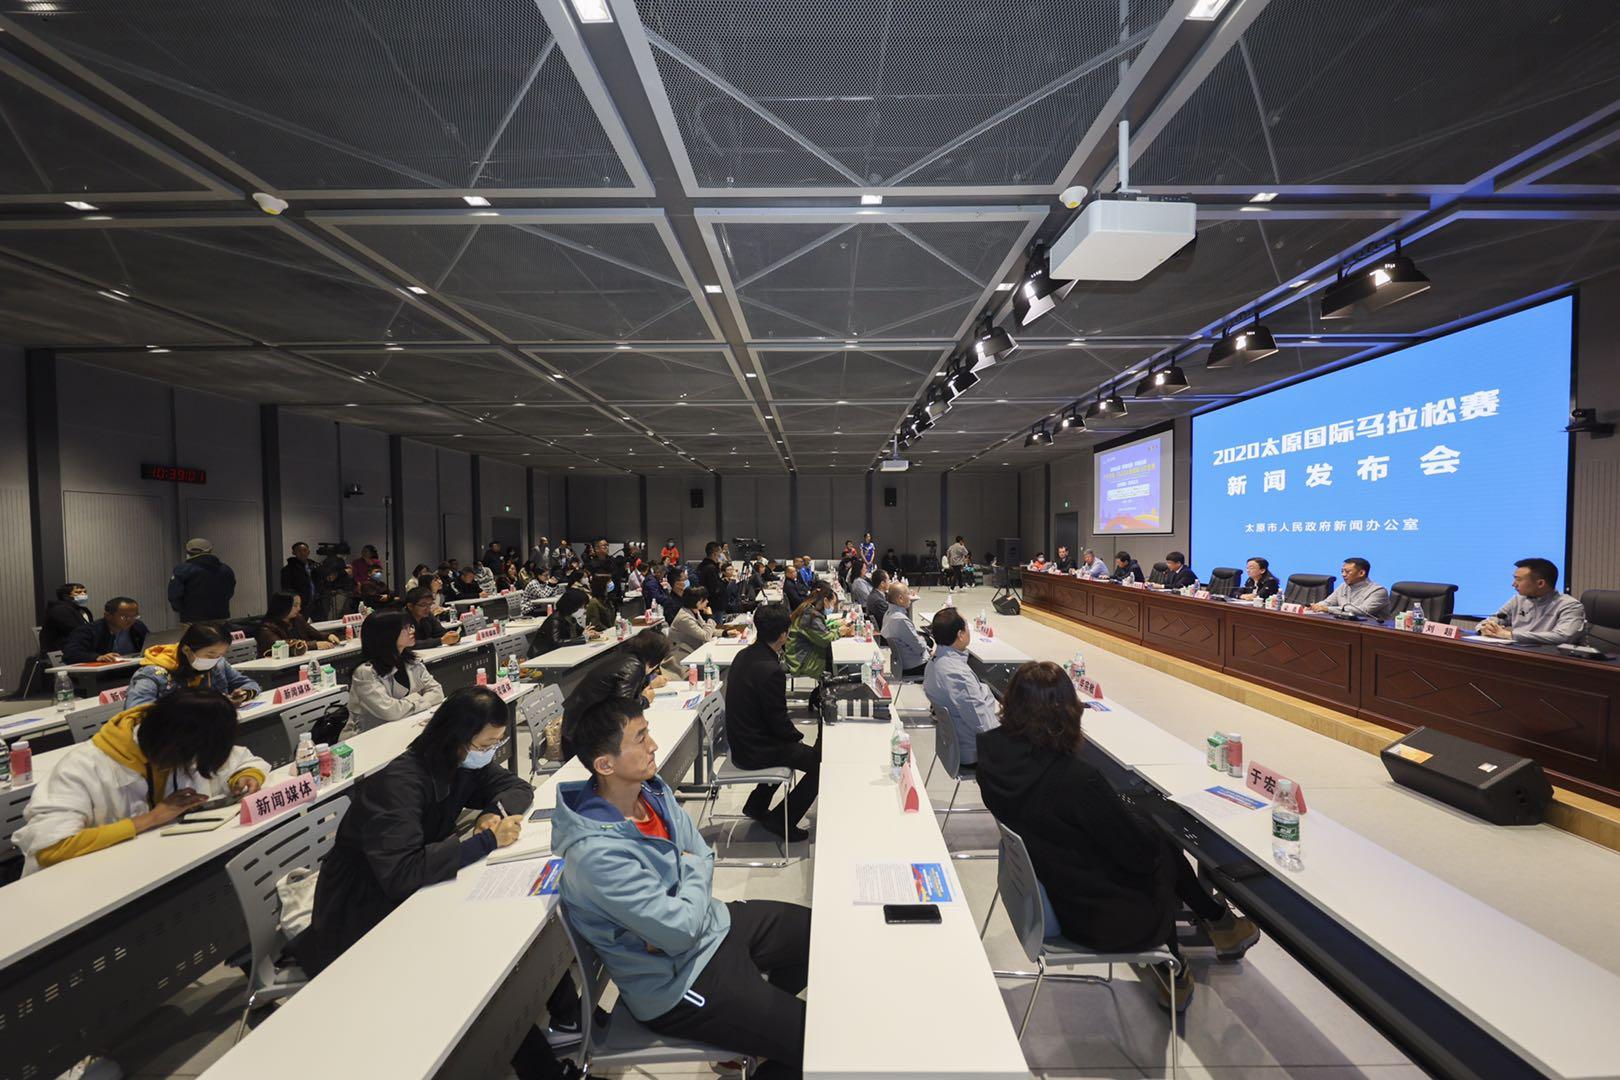 2020太原马拉松赛前新闻发布会召开 10月18日线下赛开跑